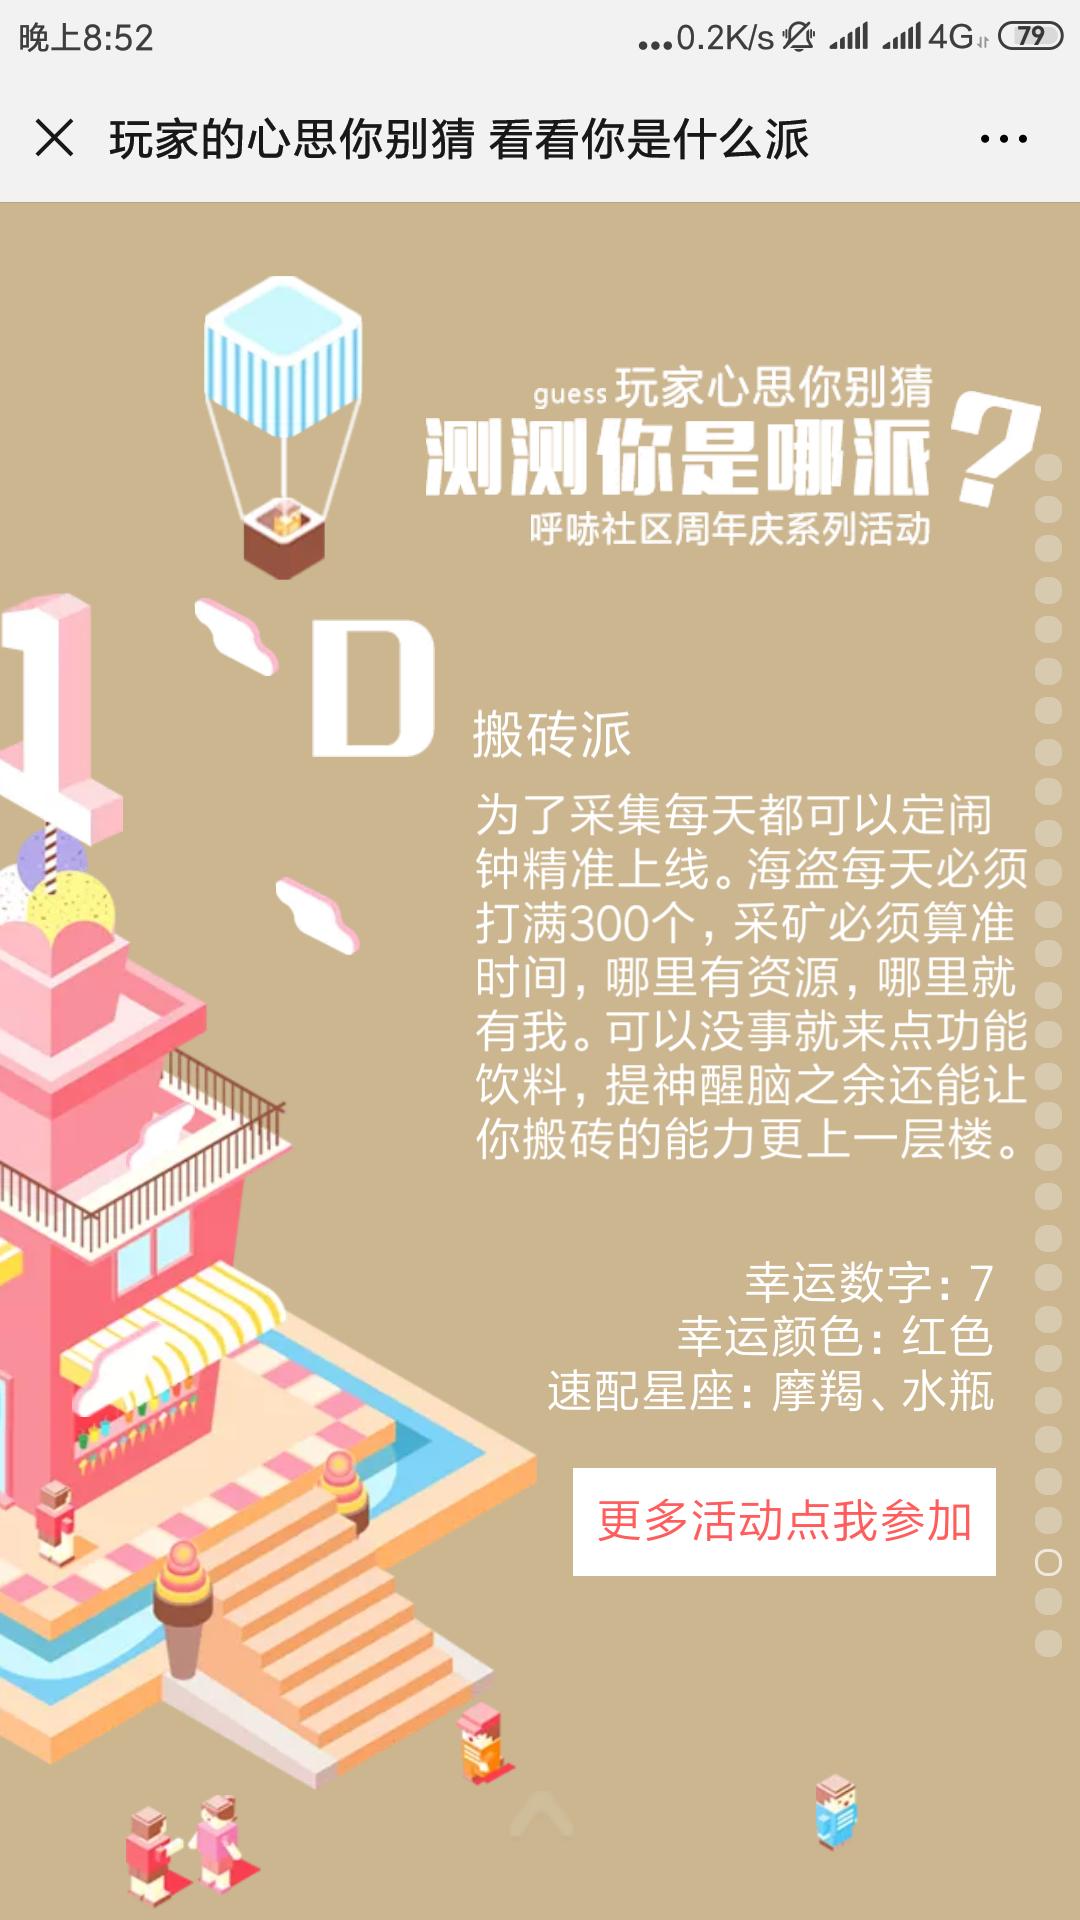 Screenshot_2019-07-25-20-52-03-752_com.tencent.mm.png